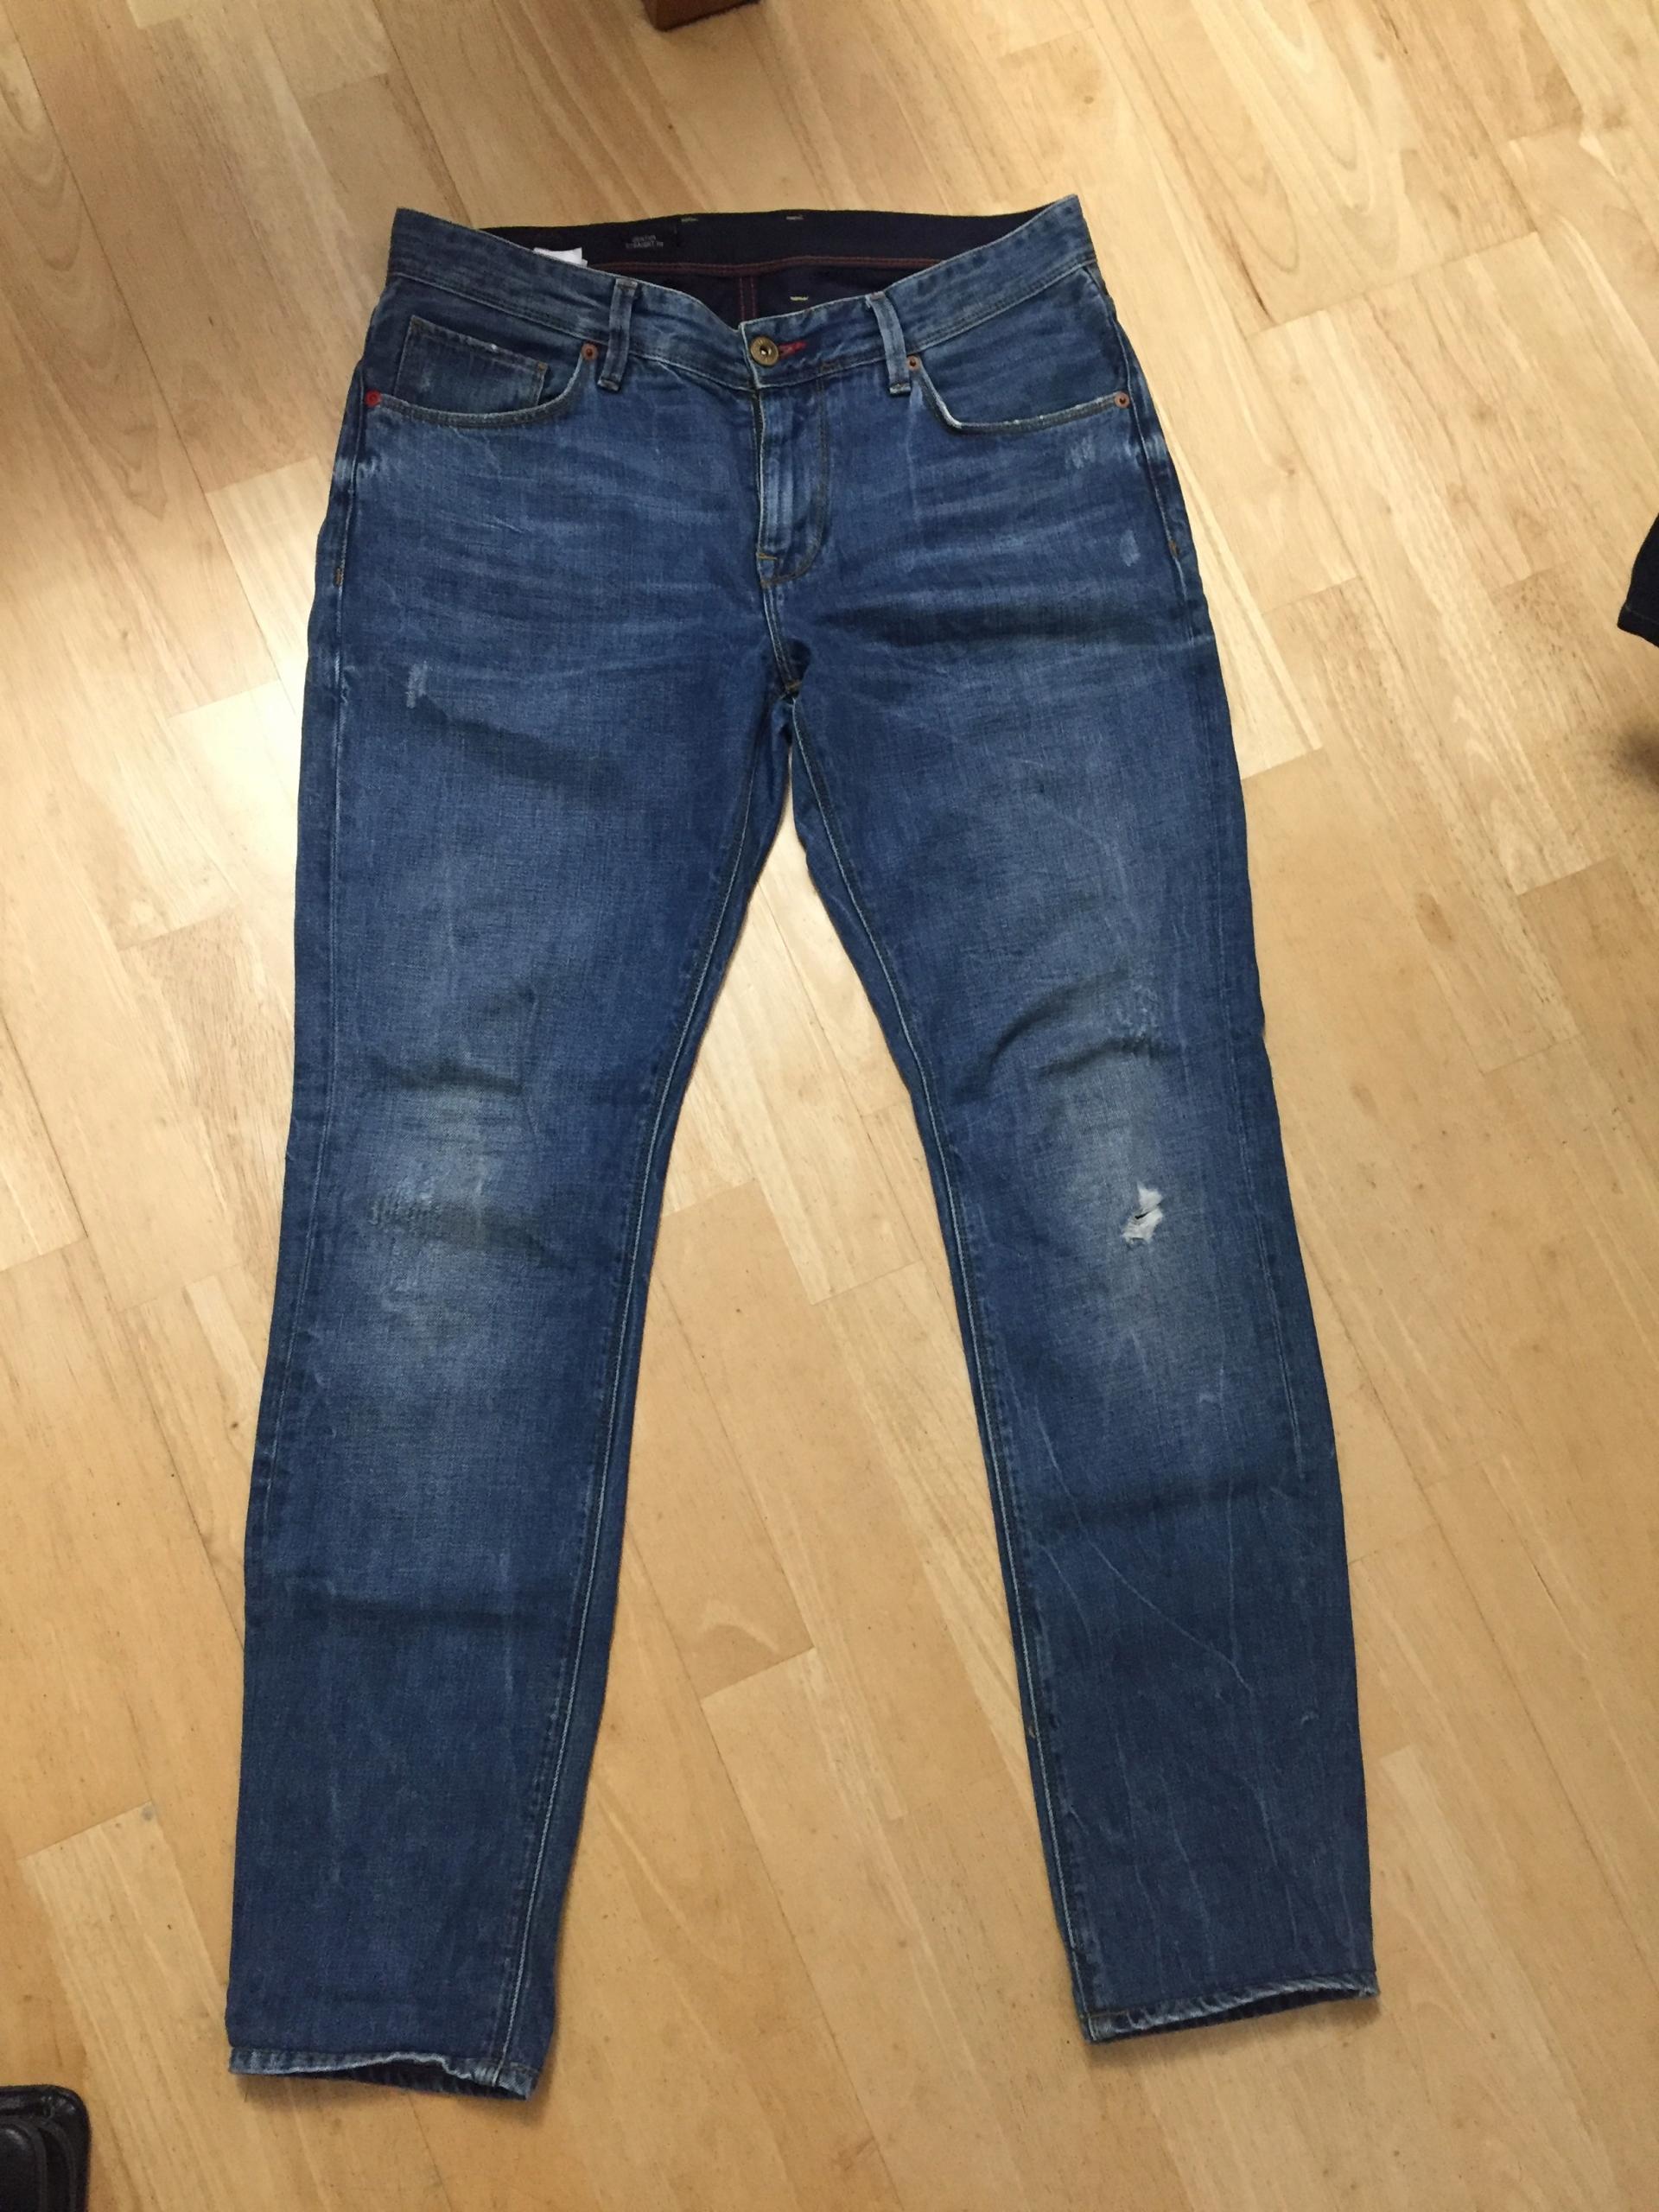 Tommy Hilfiger Spodnie Jeansowe SLIM 32/32 j. nowe